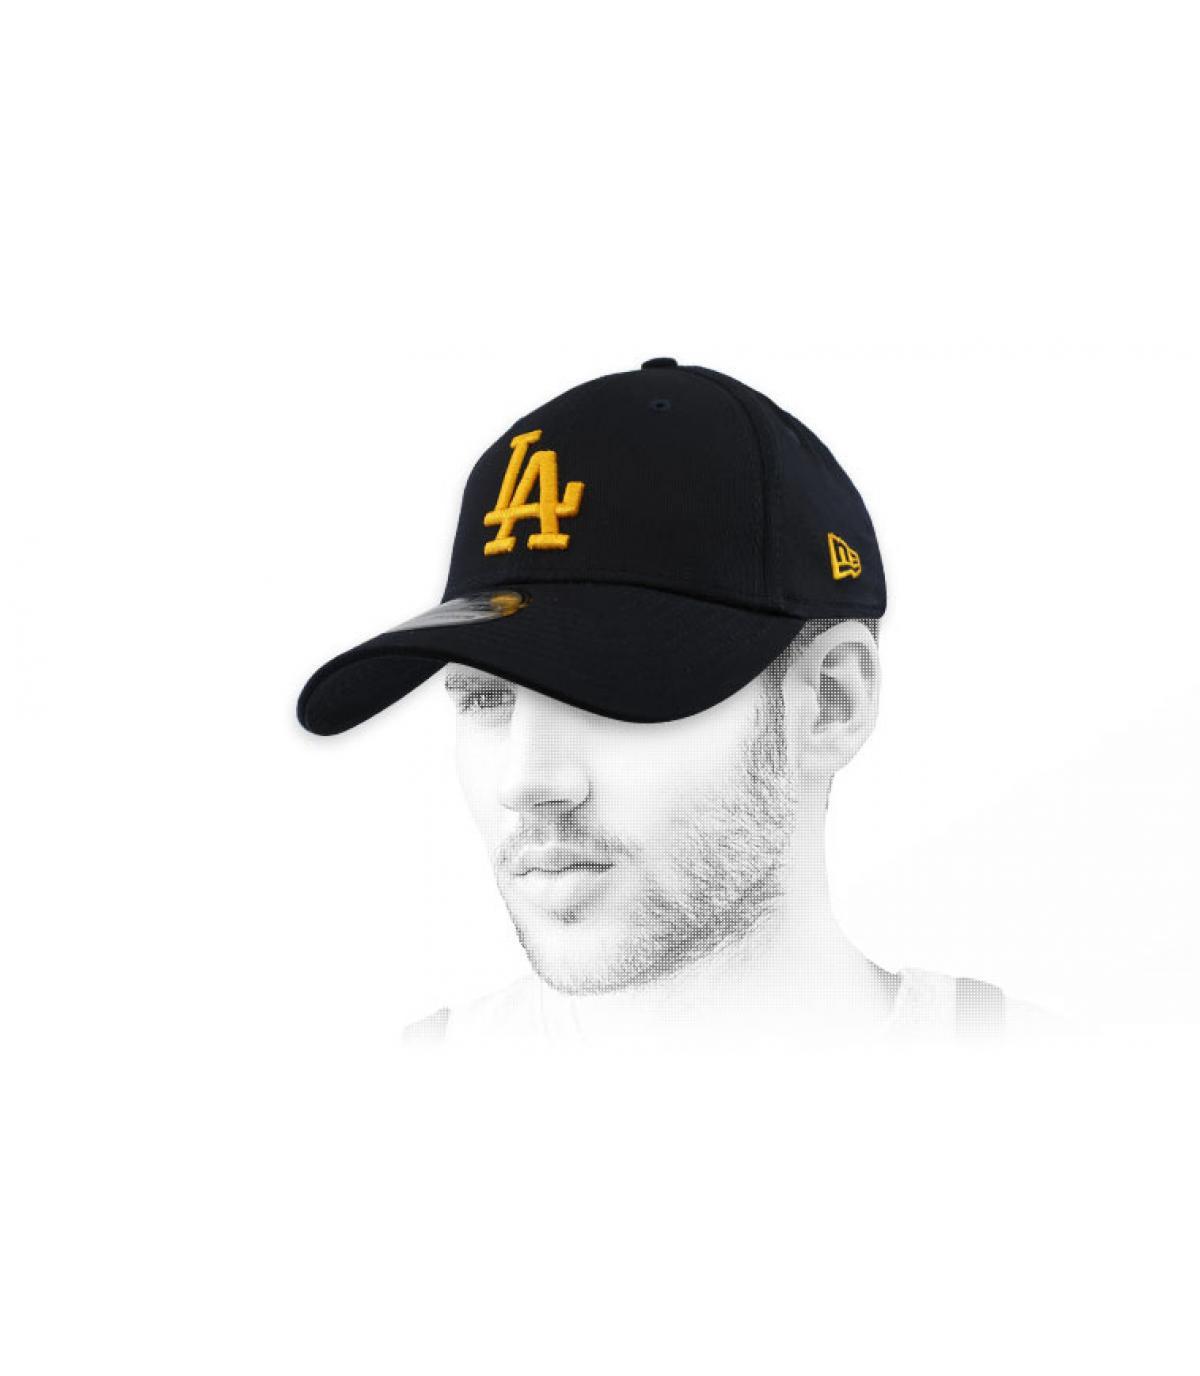 blue gold LA cap